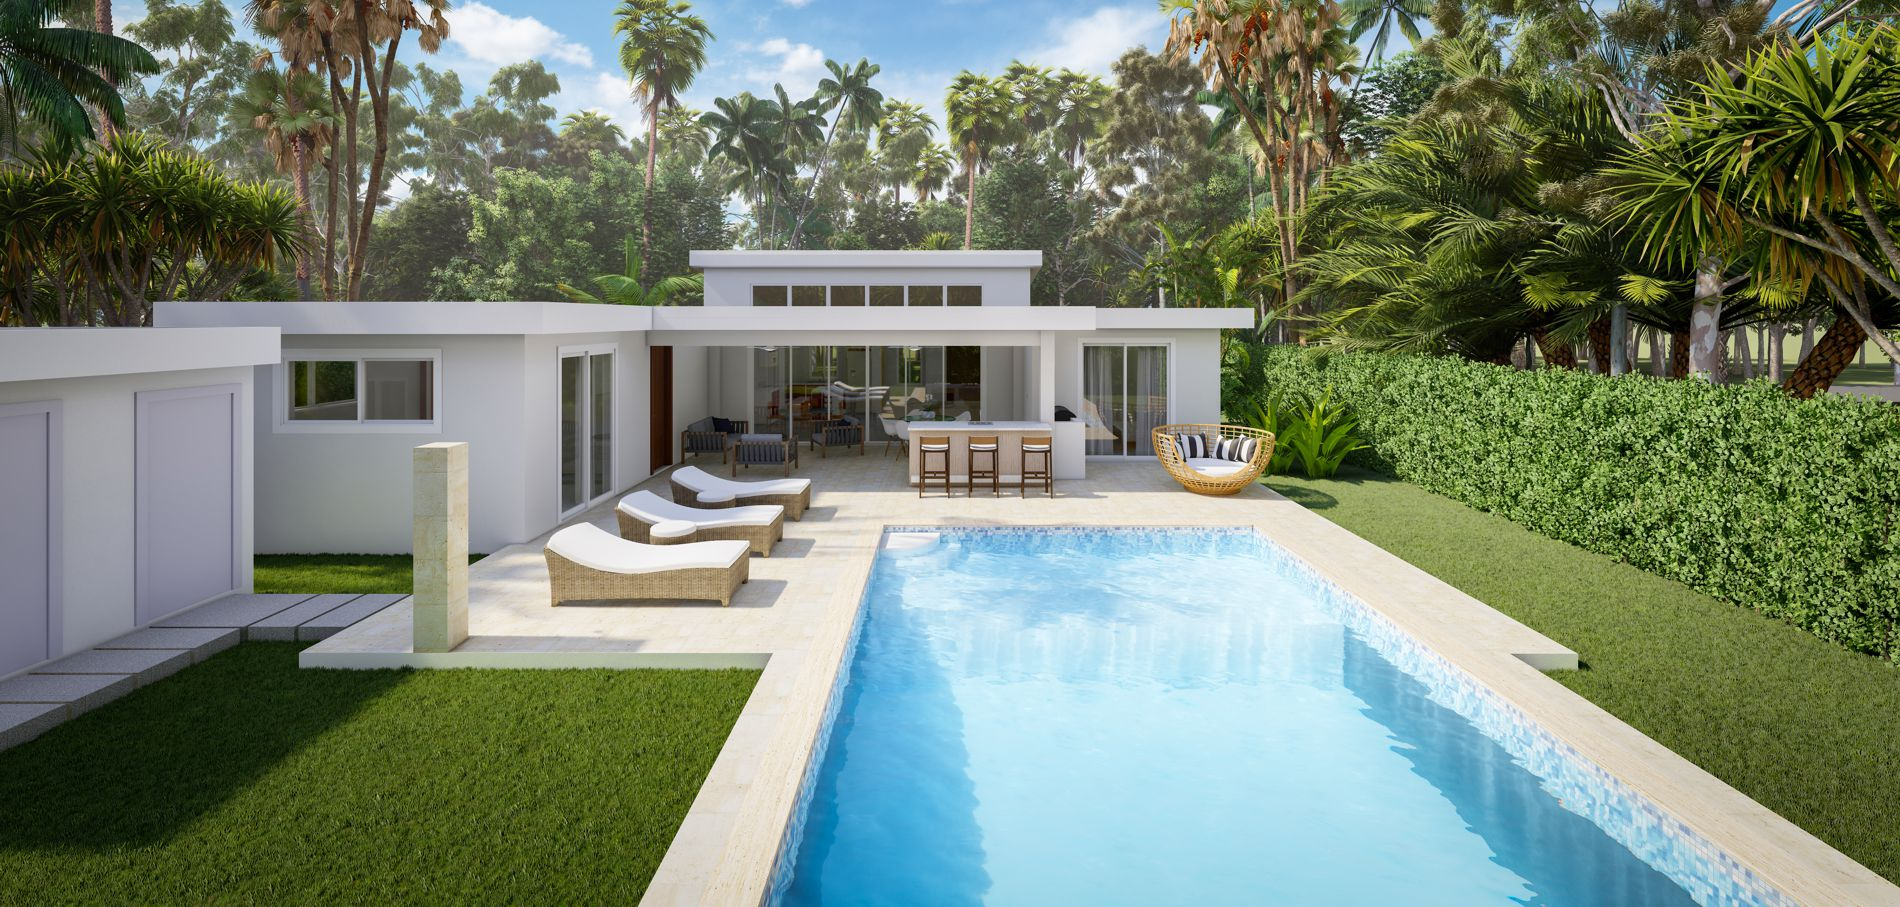 Villa Sunseeker, Casa Linda Villas